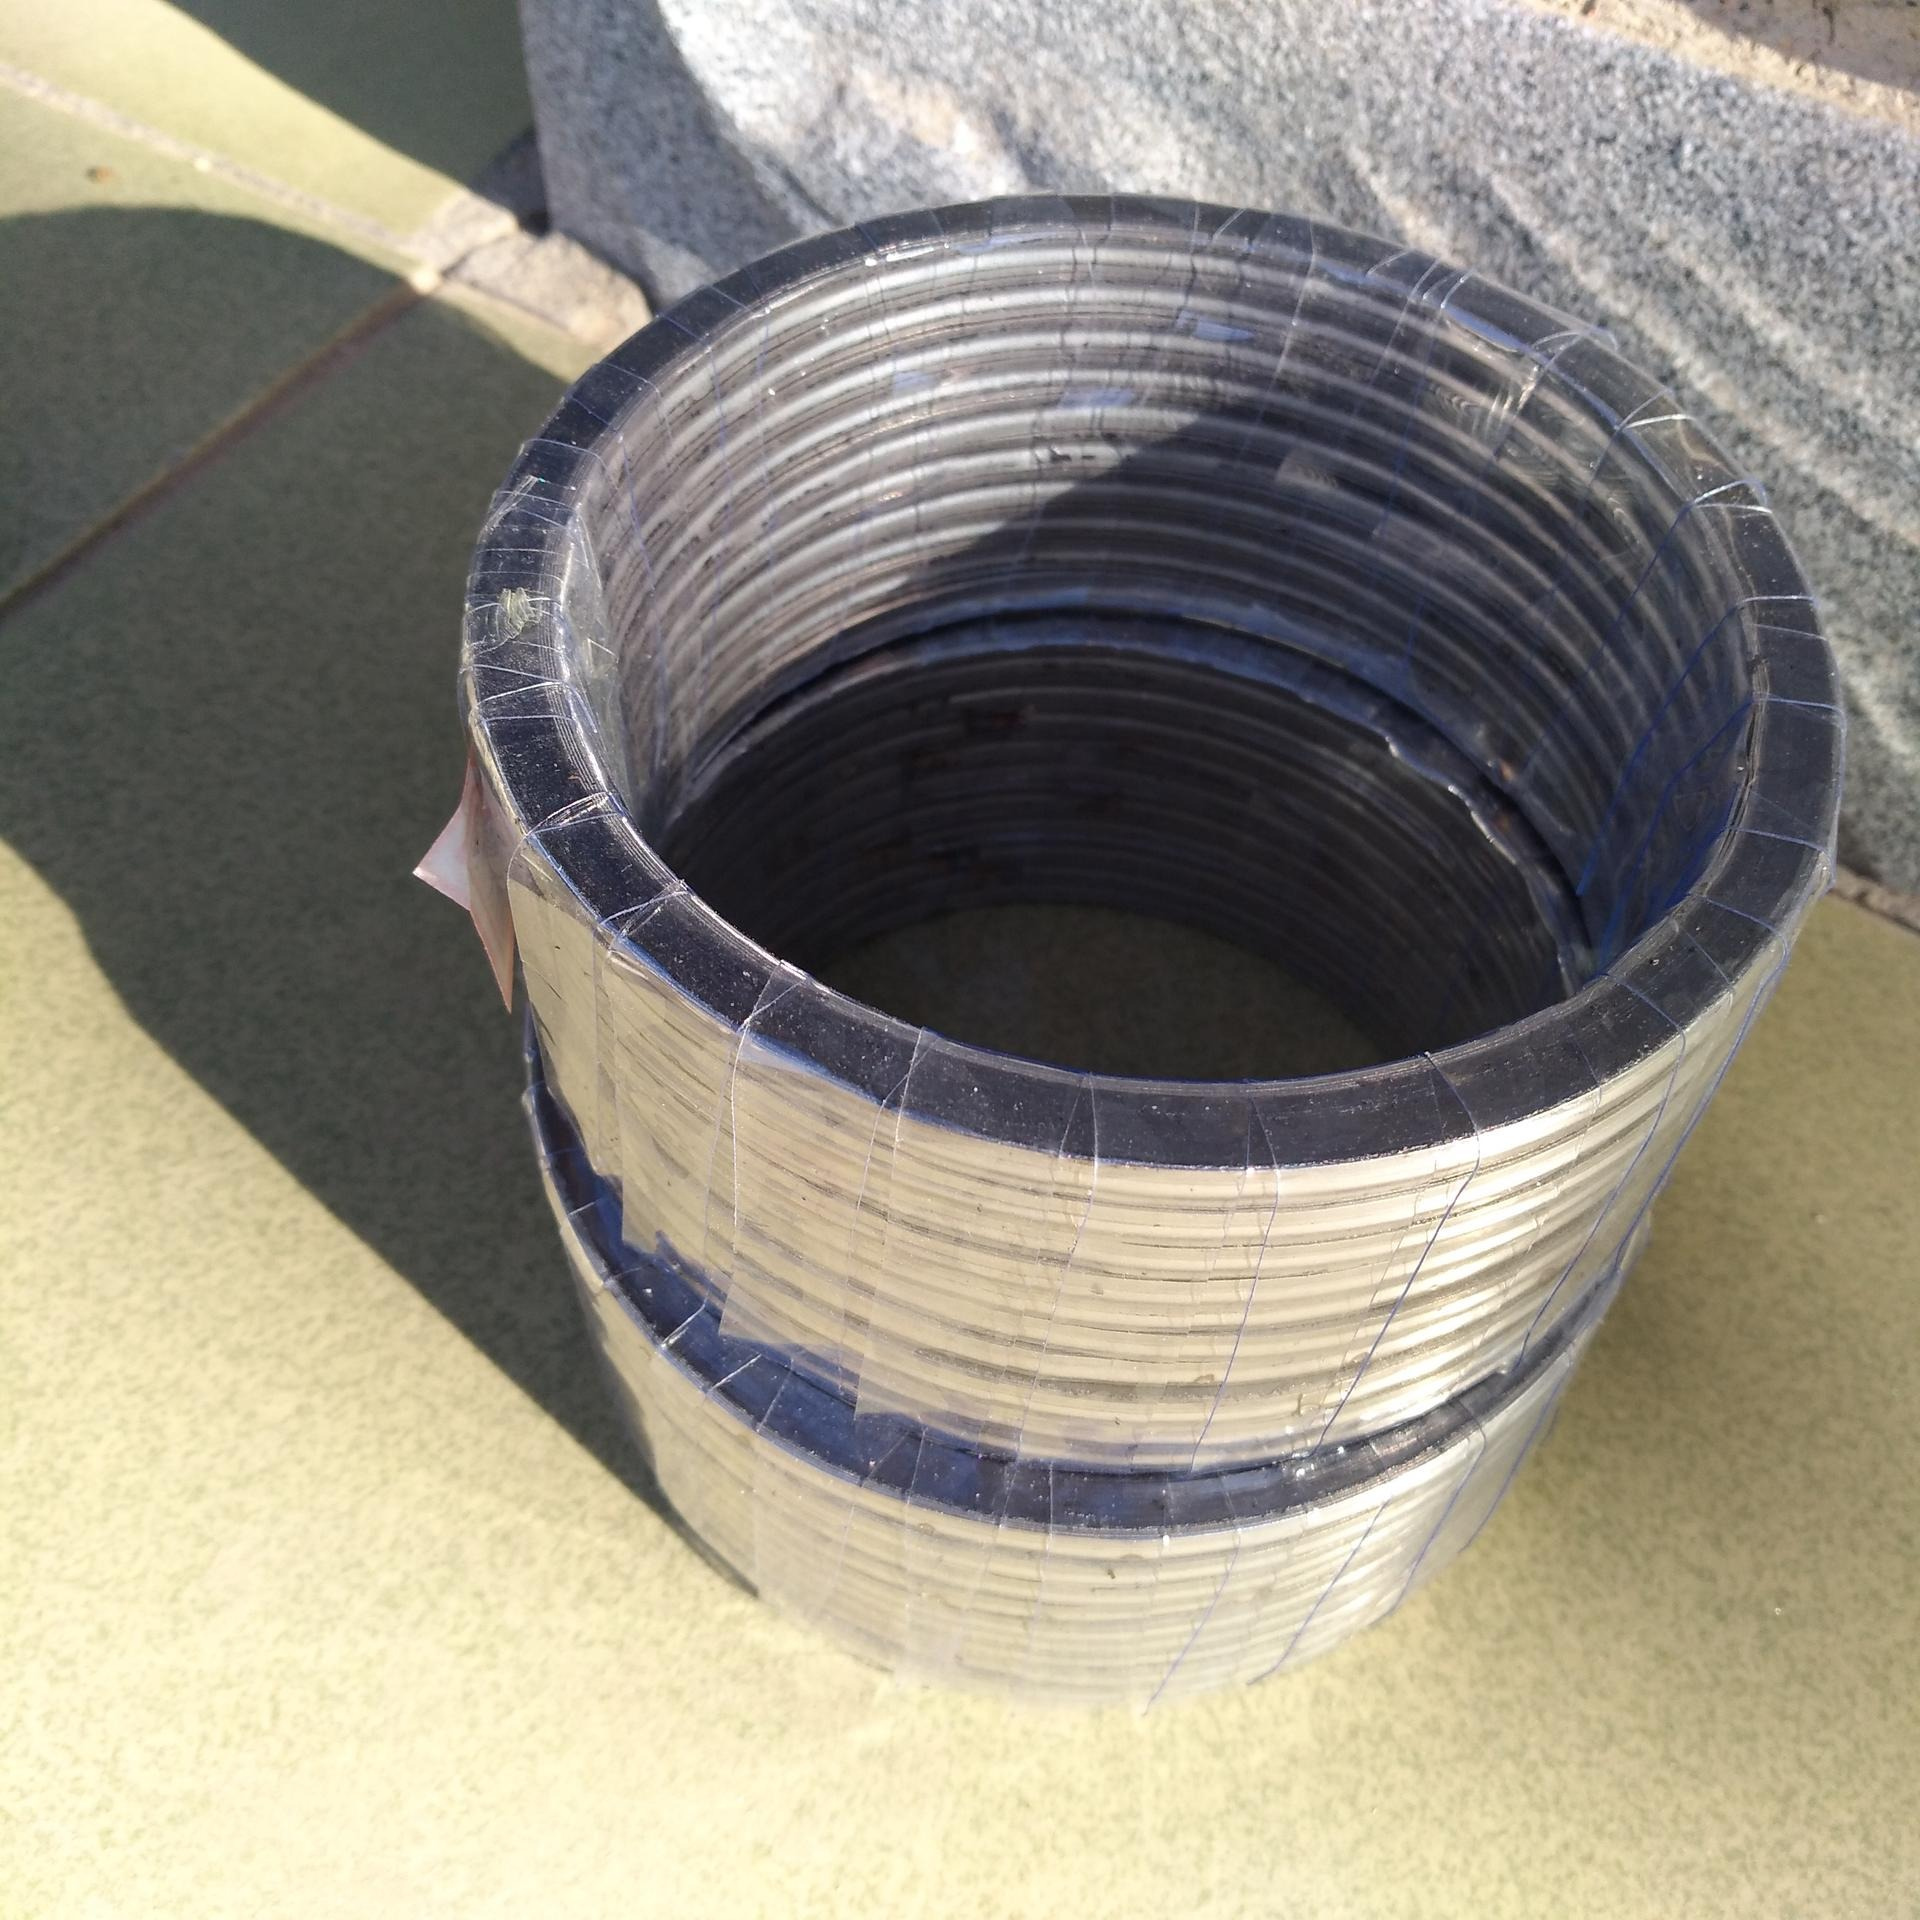 艾驰迪缠绕垫片_金属缠绕垫 _ 石墨垫片 _各规格定制304金属缠绕垫片规格齐全非标可订制